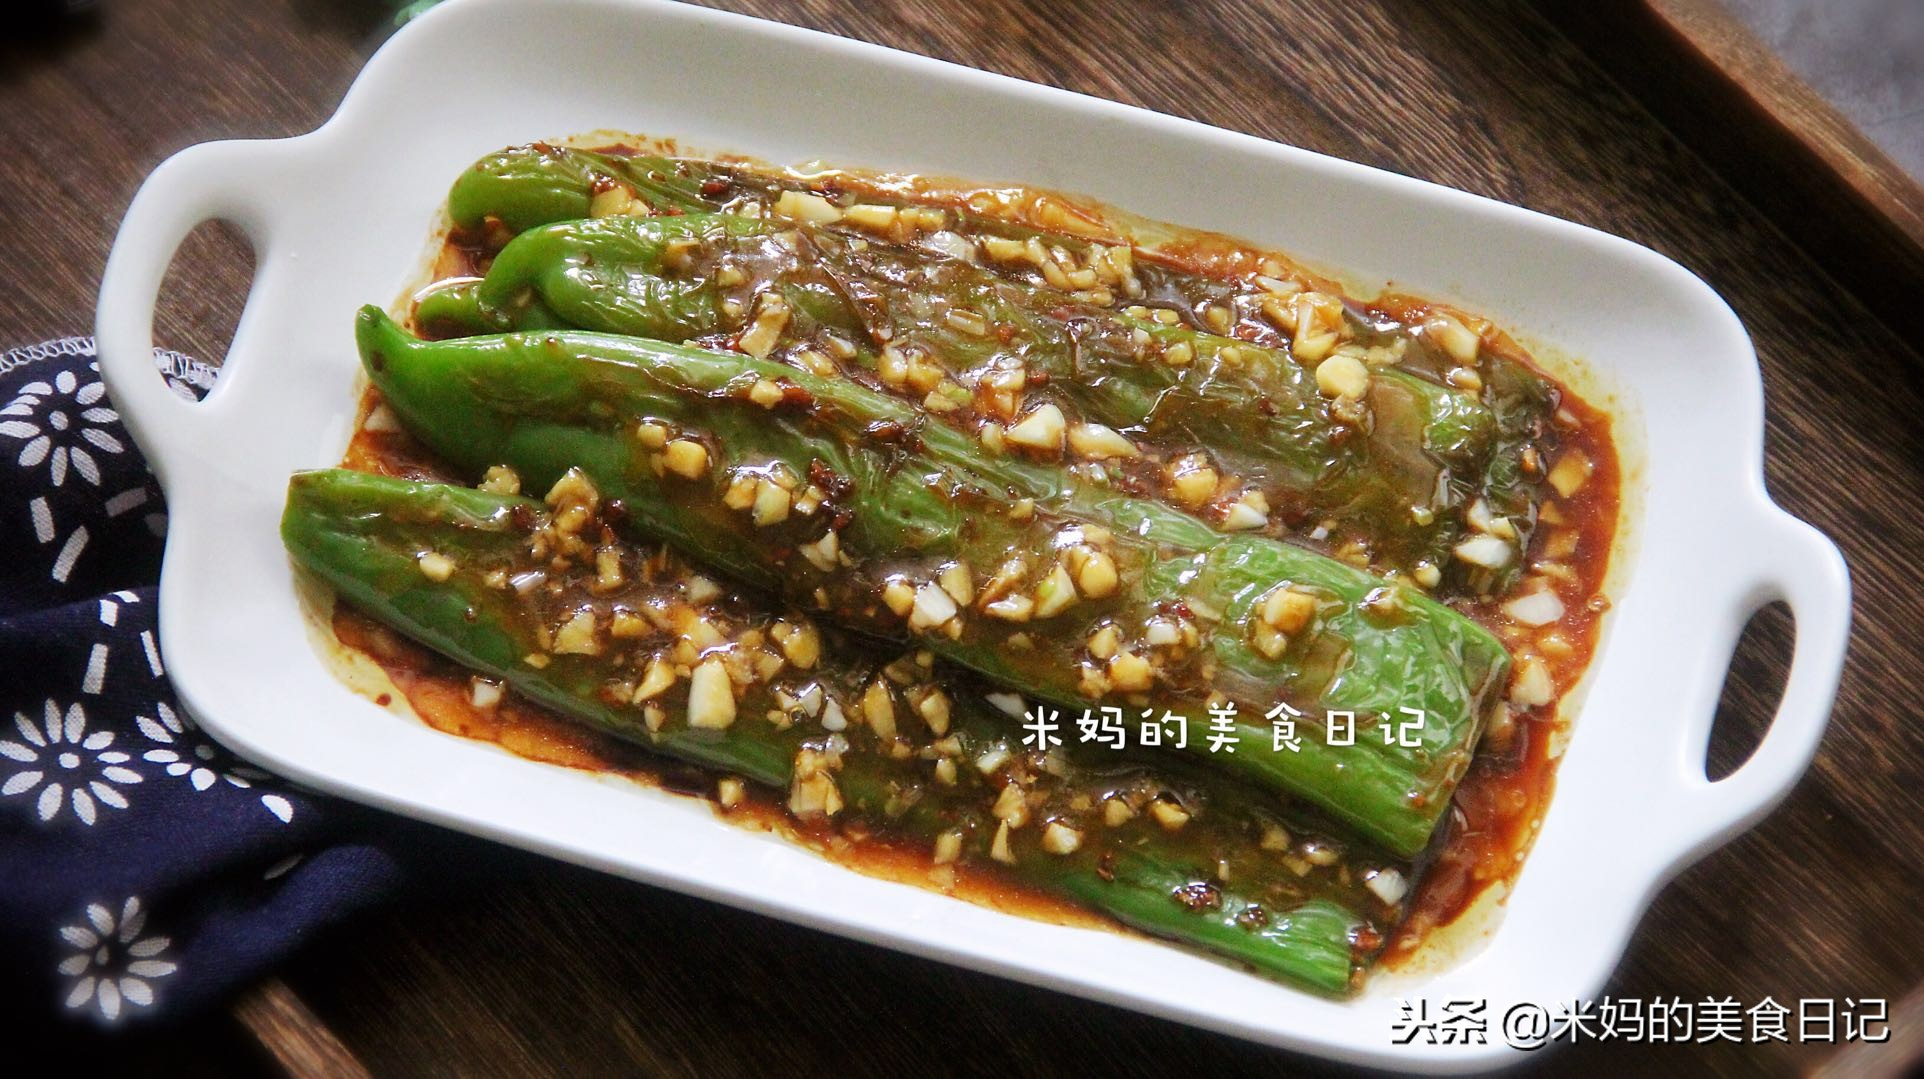 虎皮青椒做法步骤图 常吃不怕冷一冬不感冒